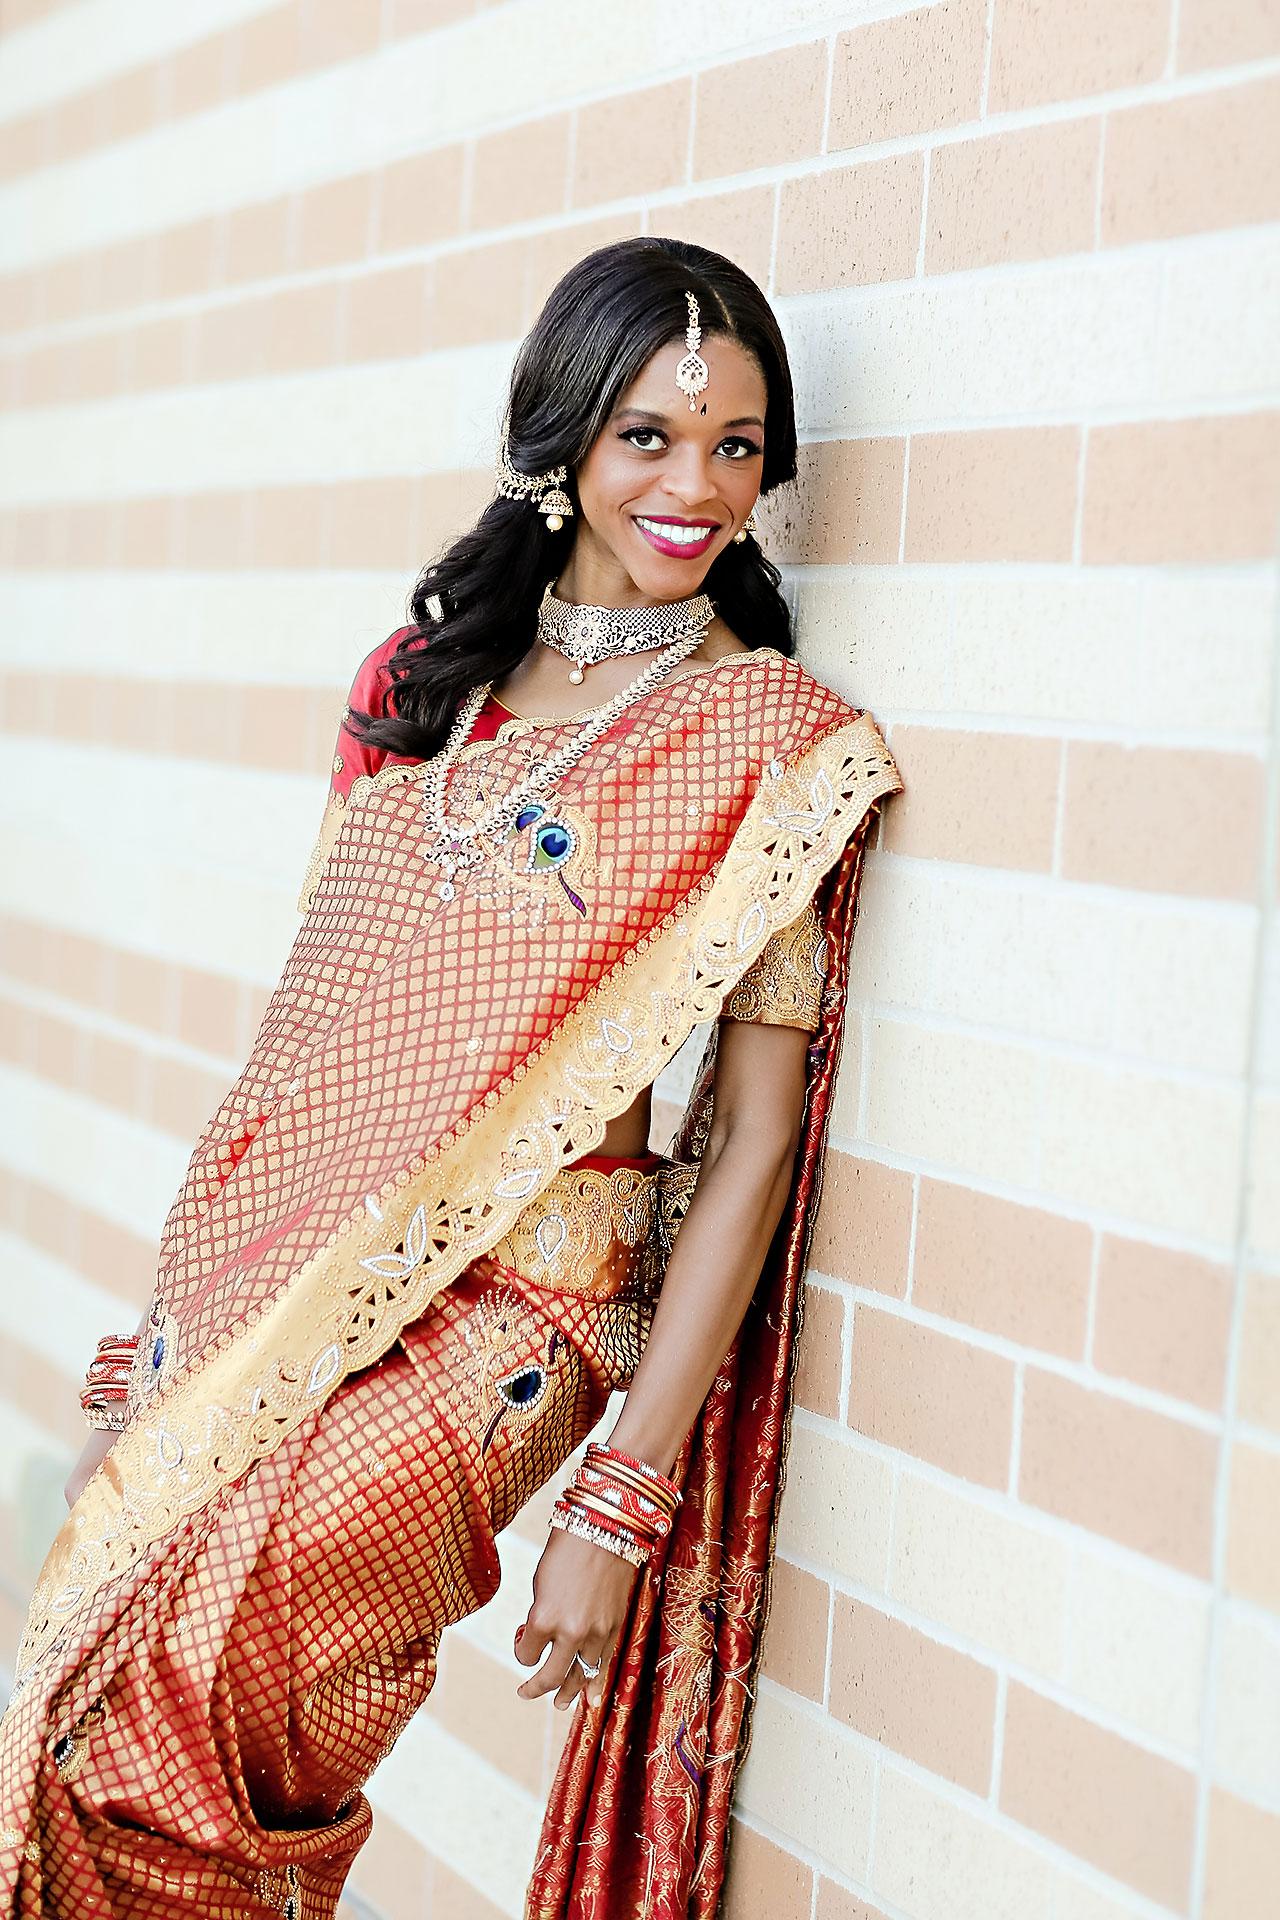 Joie Nikhil JW Marriott Indian Wedding 058